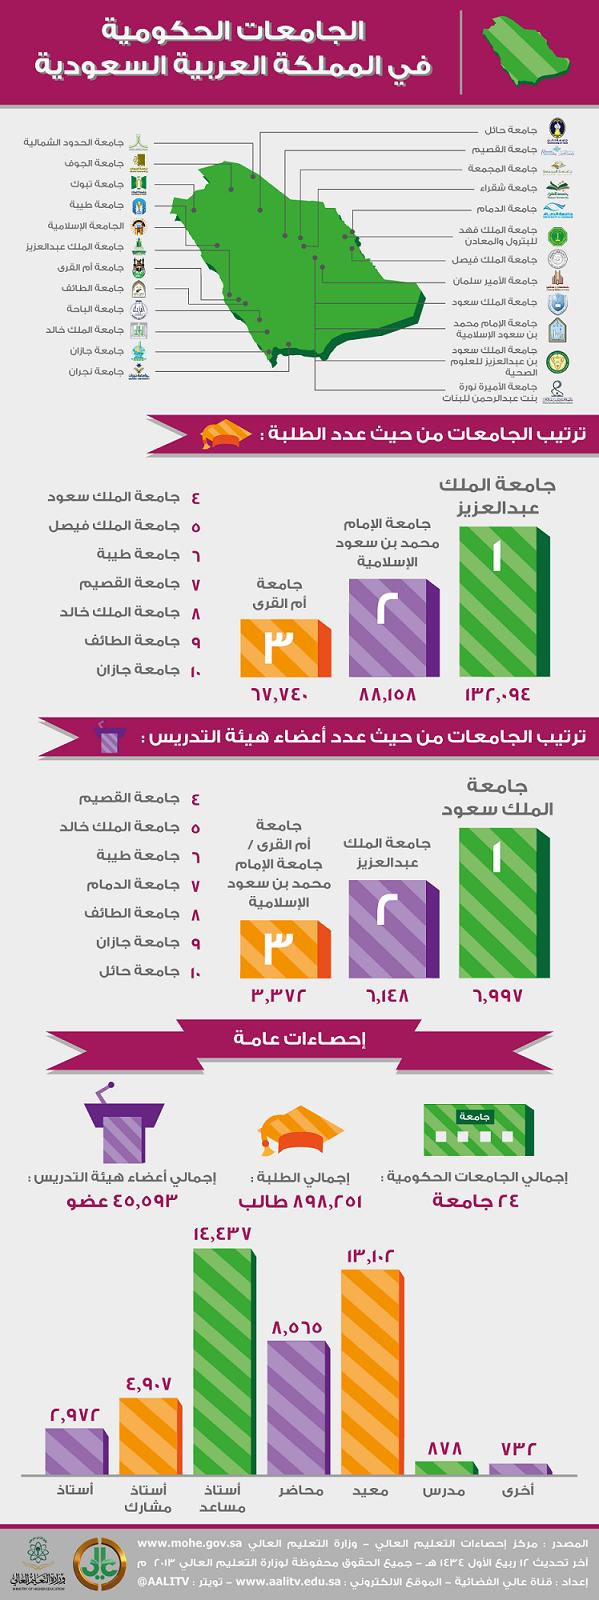 الجامعات الحكومية في المملكة العربية السعودية #انفوجرافيك